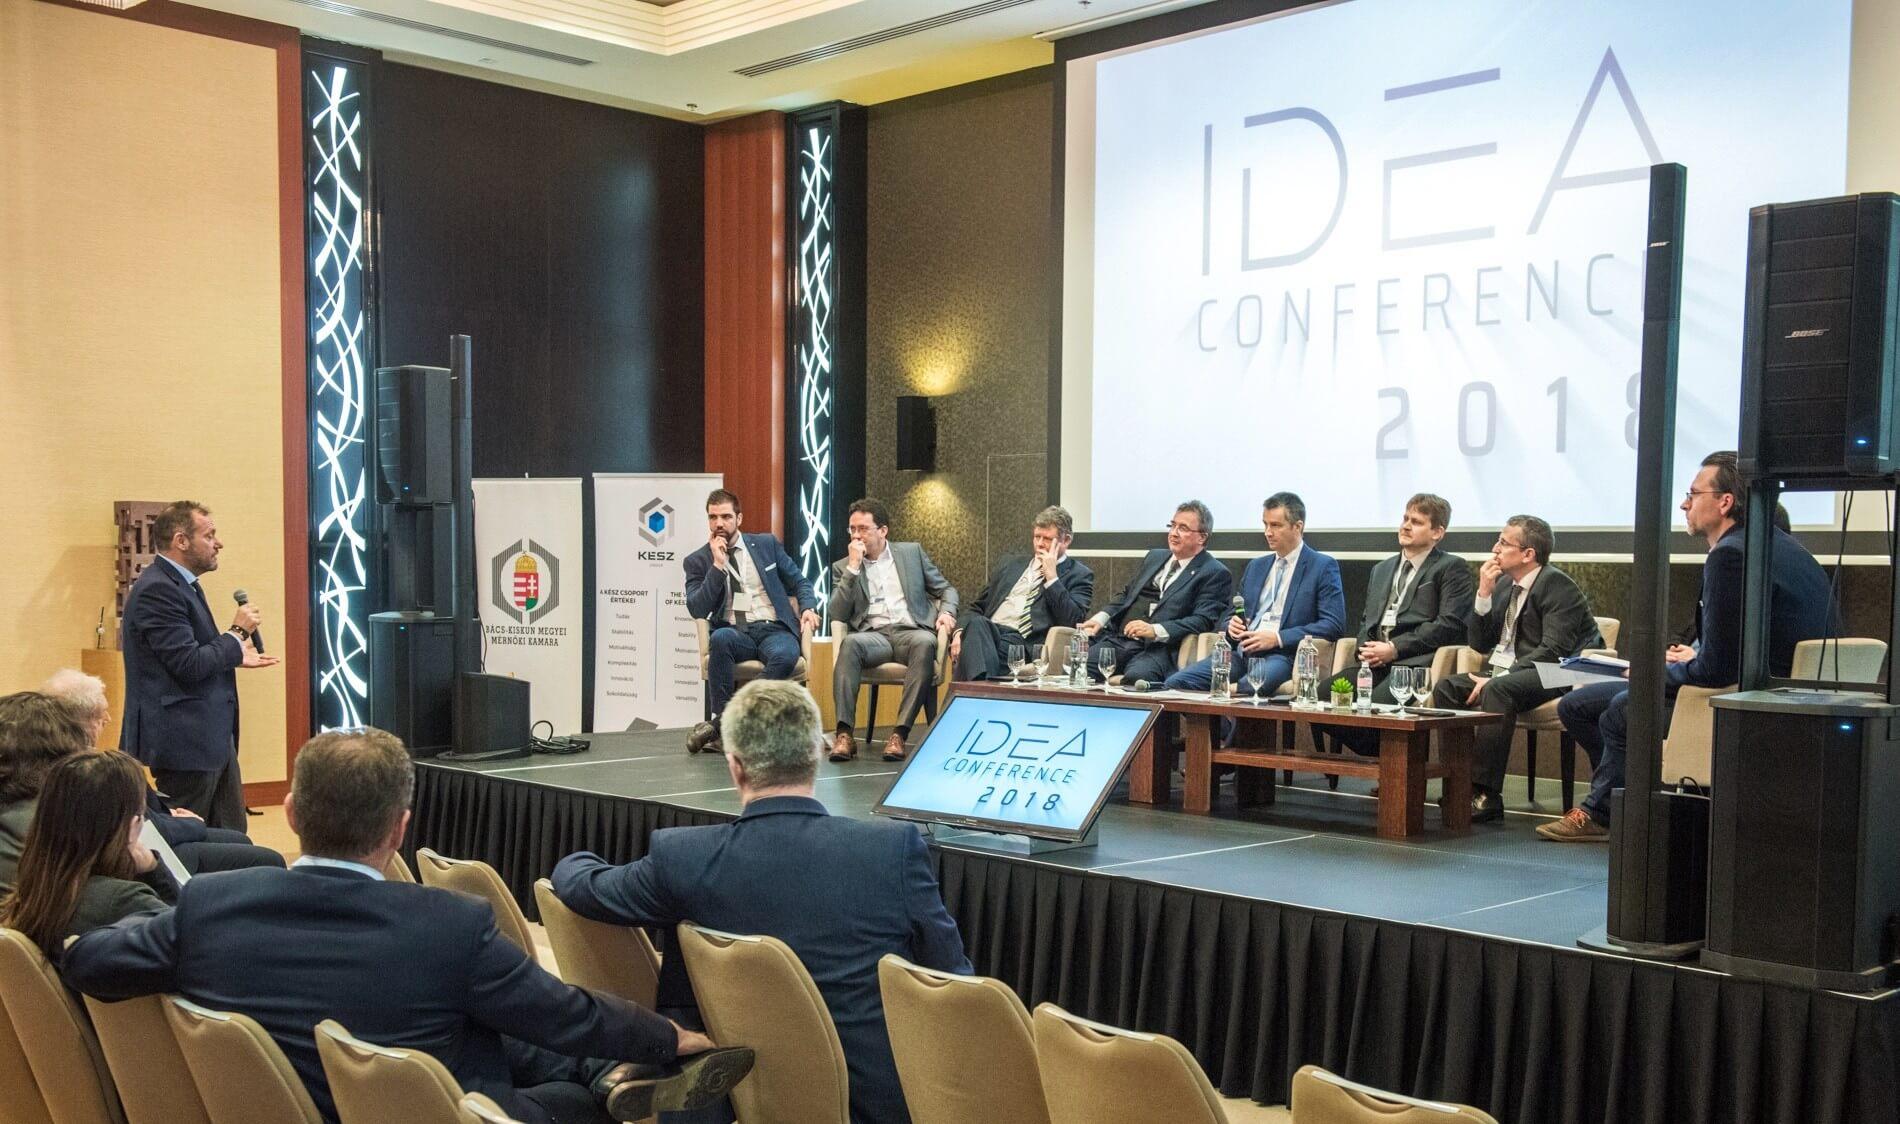 Az építészet hazai és külföldi elitje is ott lesz az IDEA Conference 2019-en